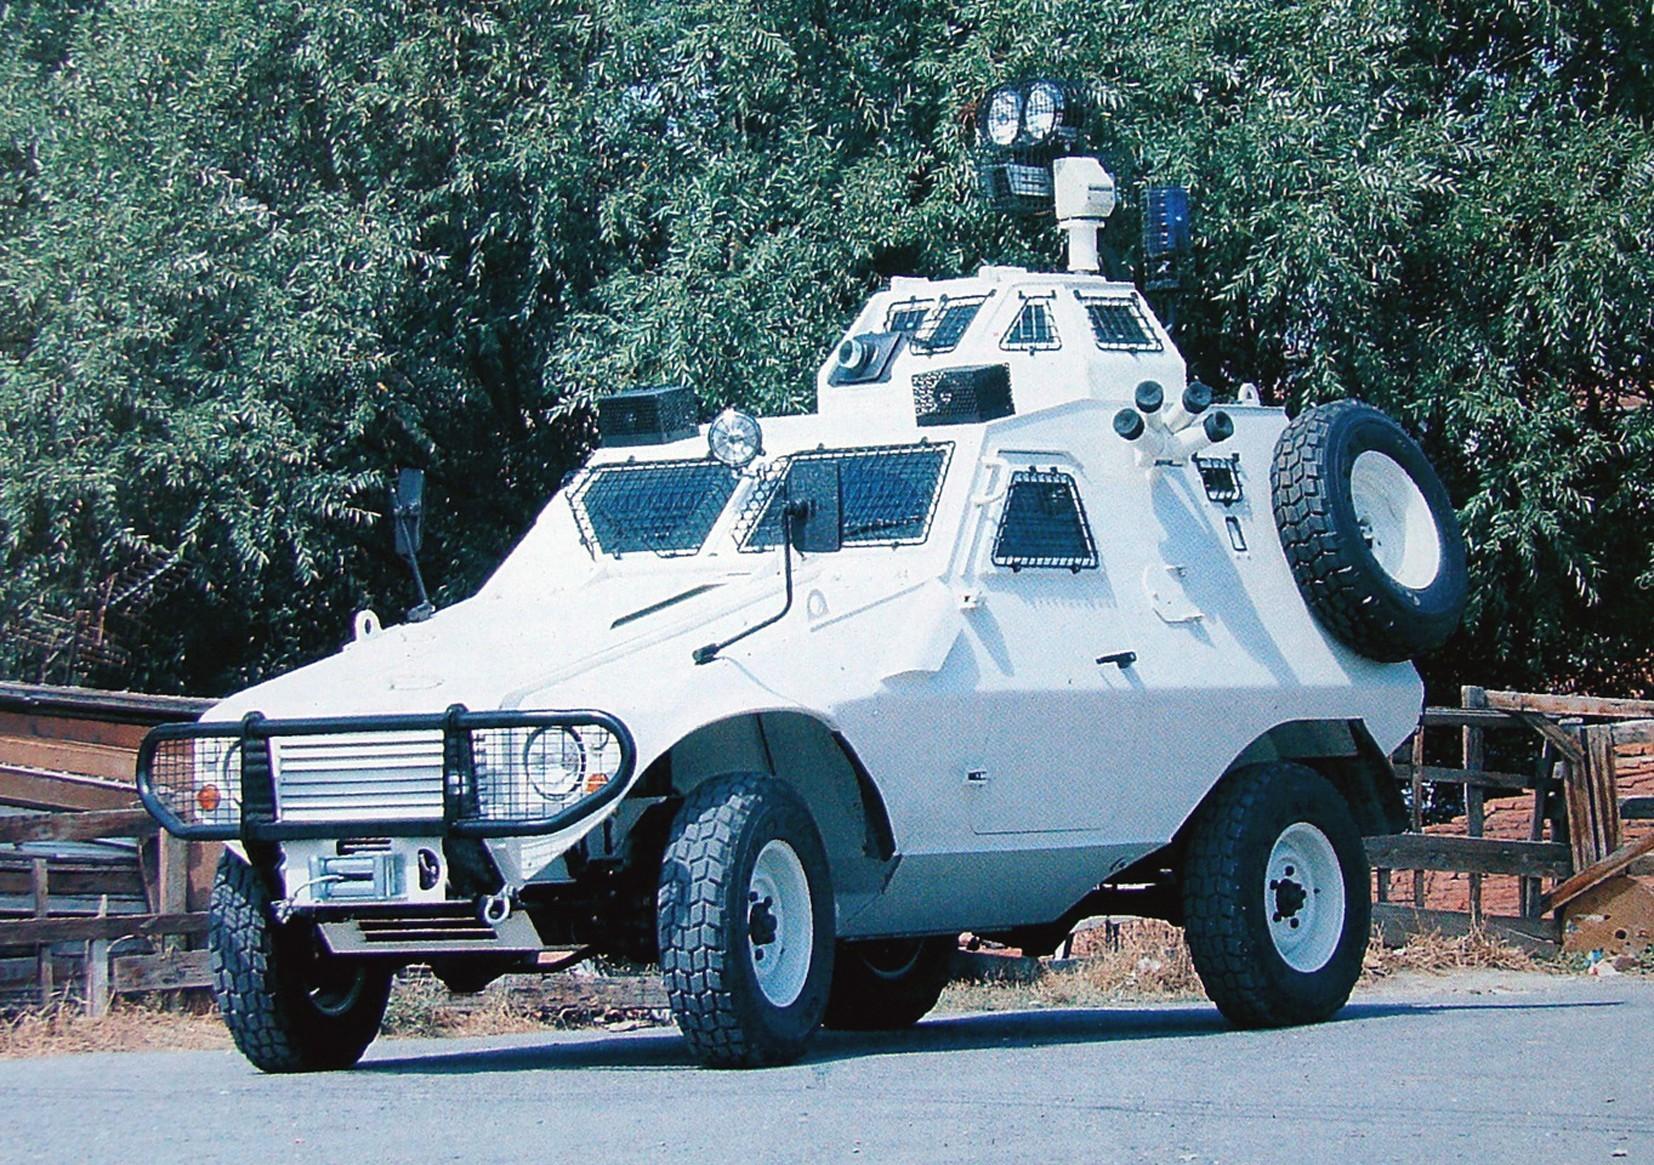 Полицейский вариант Akrep с наблюдательной башней и гранатометами